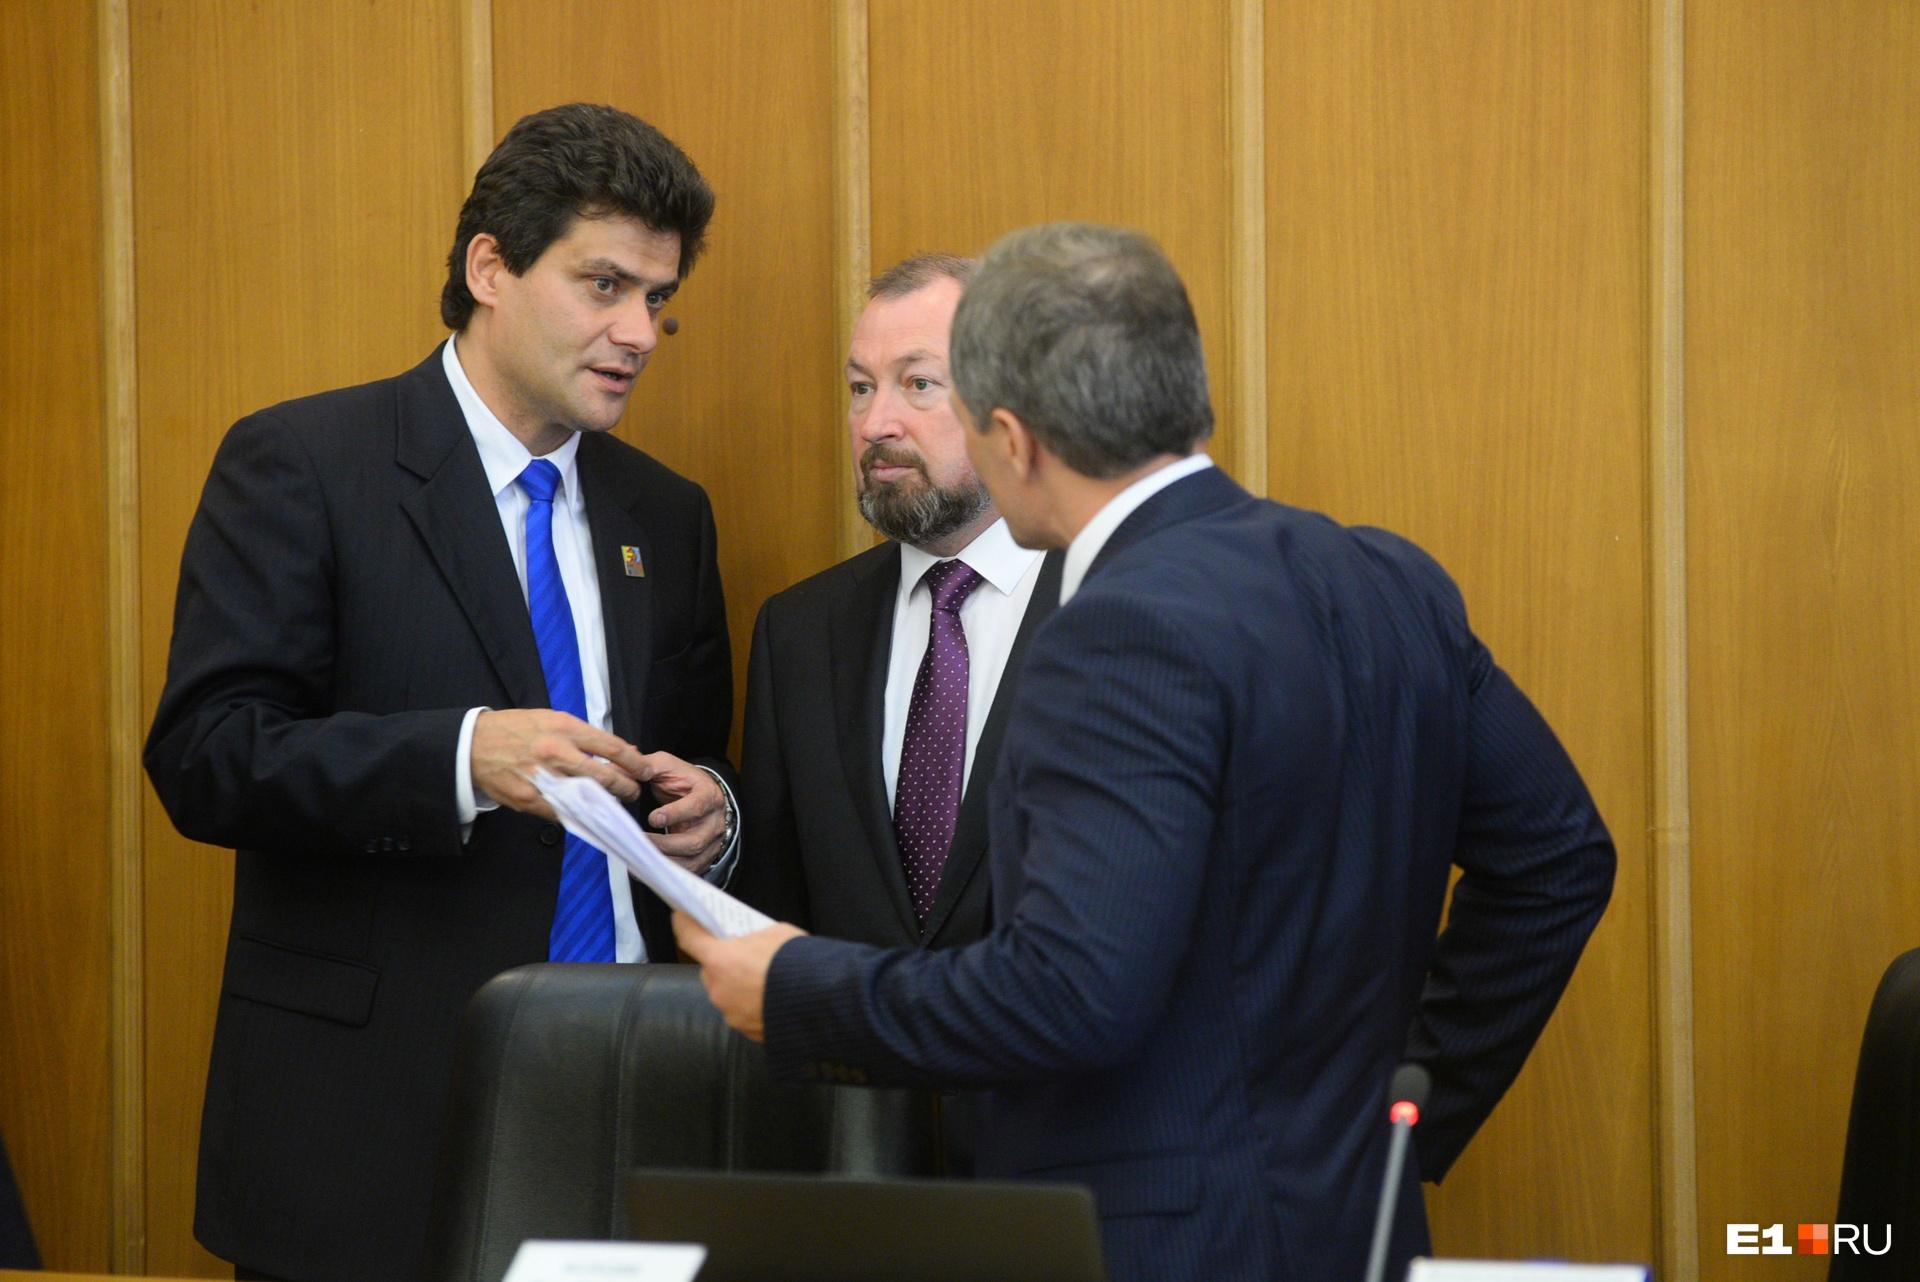 Мэр Екатеринбурга Александр Высокинский возглавил градсовет, чтобы «искать компромиссы» и «примирять противоборствующие стороны»